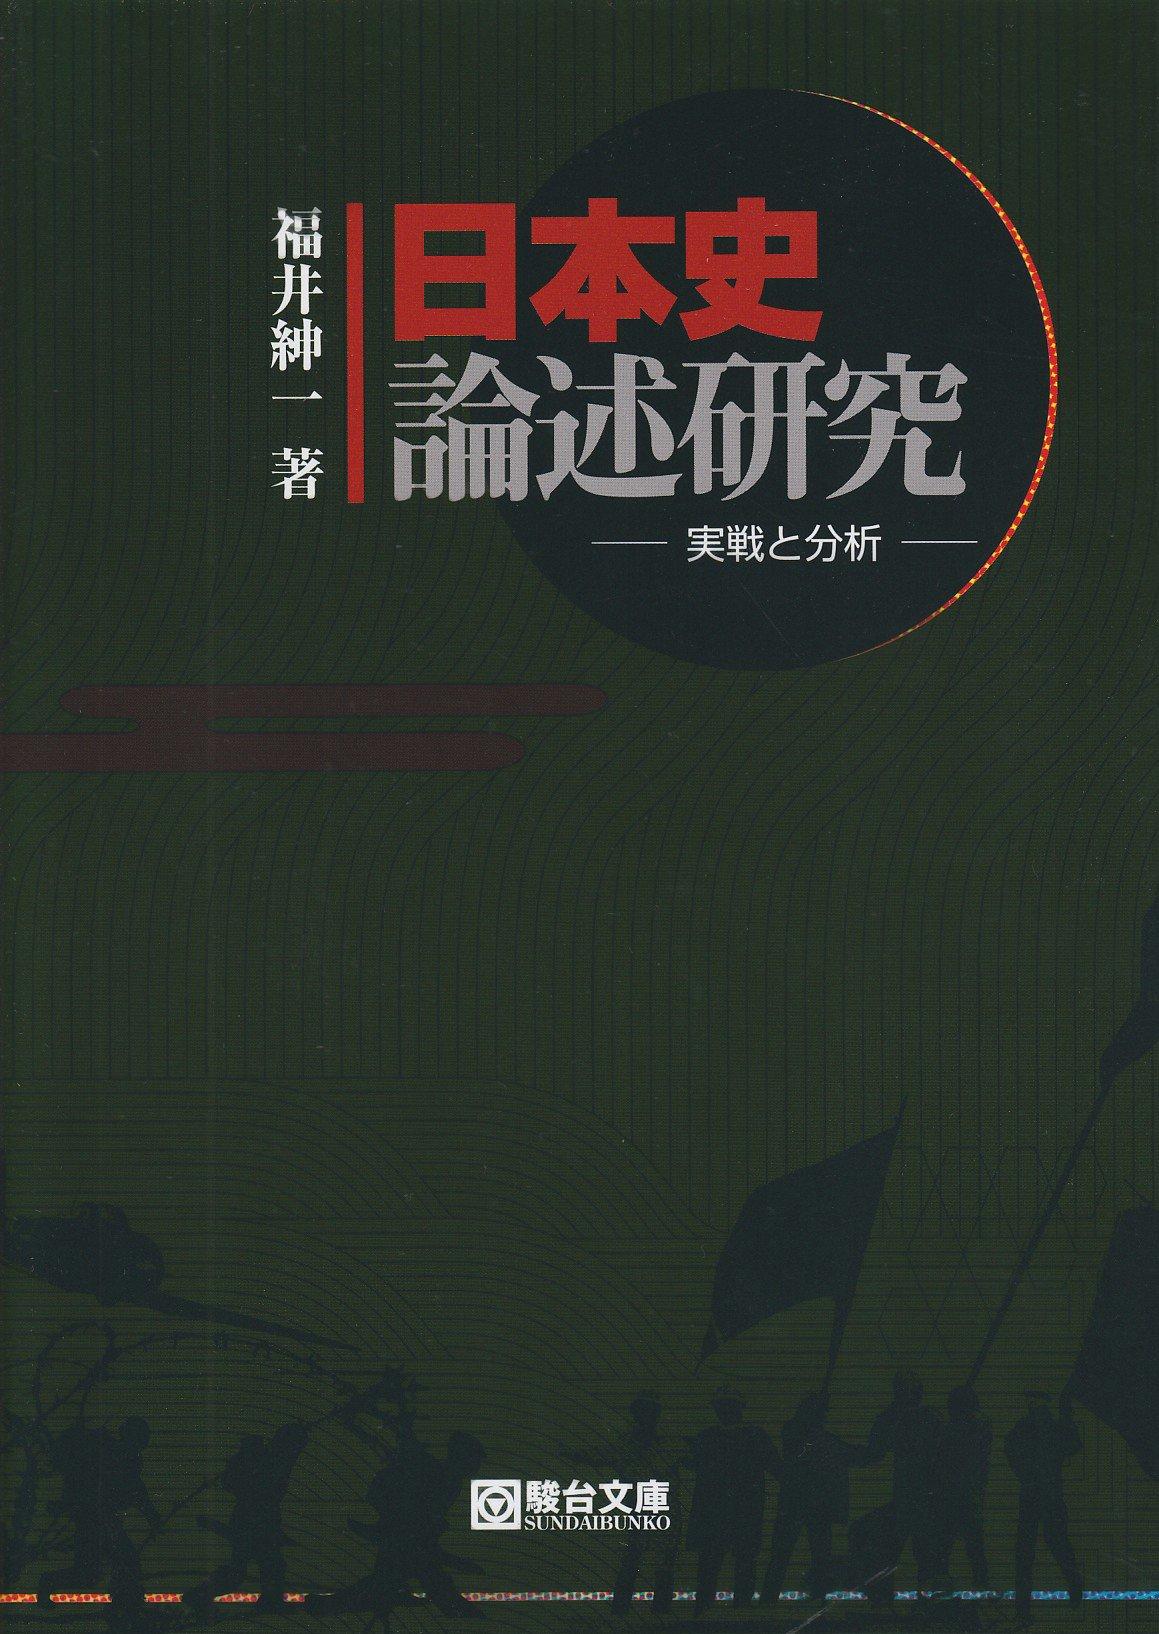 日本史 論述研究 -実戦と分析-